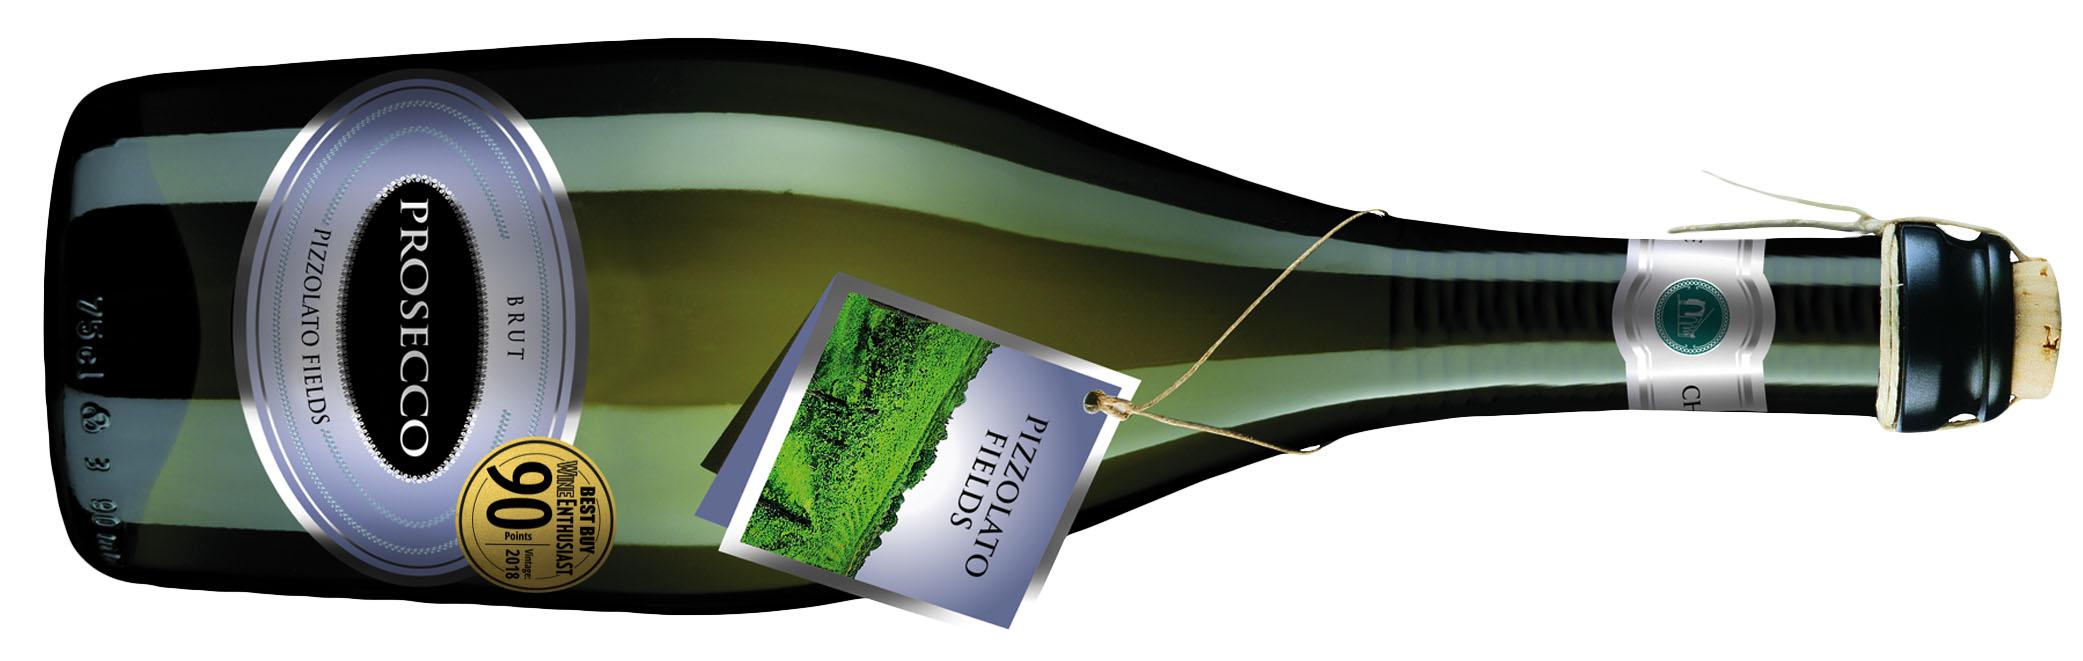 Pizzolato Fields Brut Prosecco Frizzante 90 Point Organic Wines